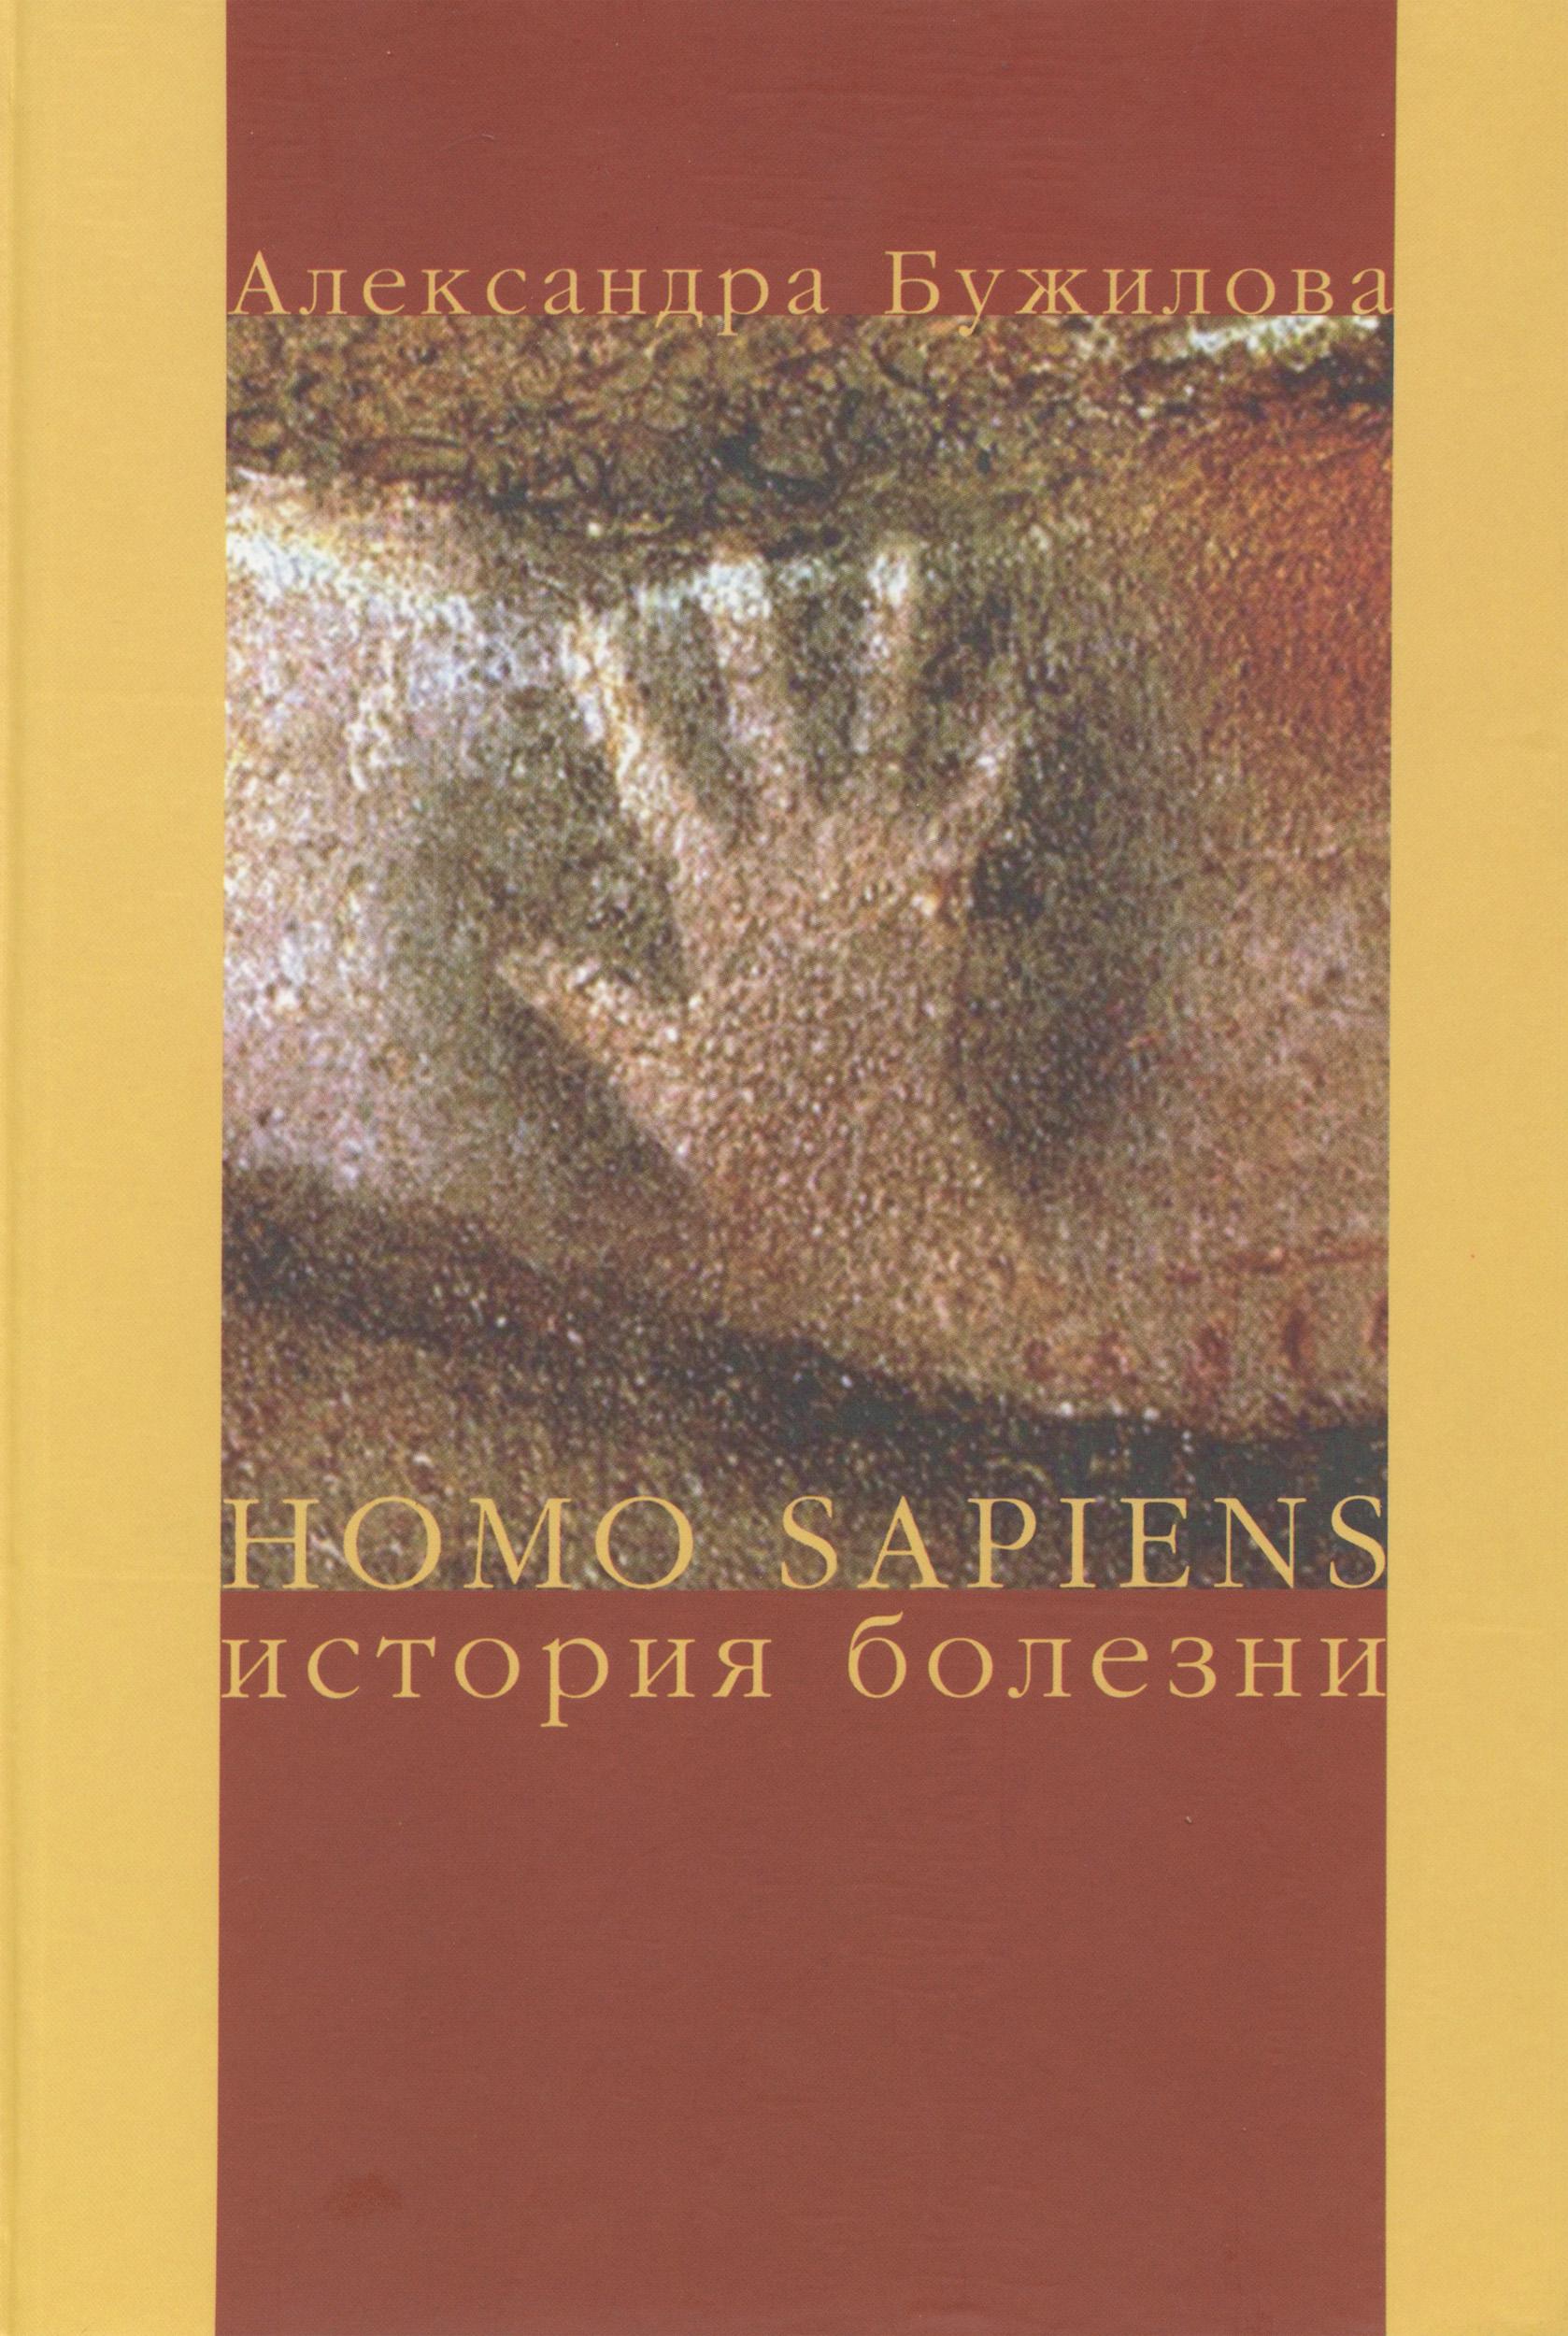 Homo sapiens.История болезни